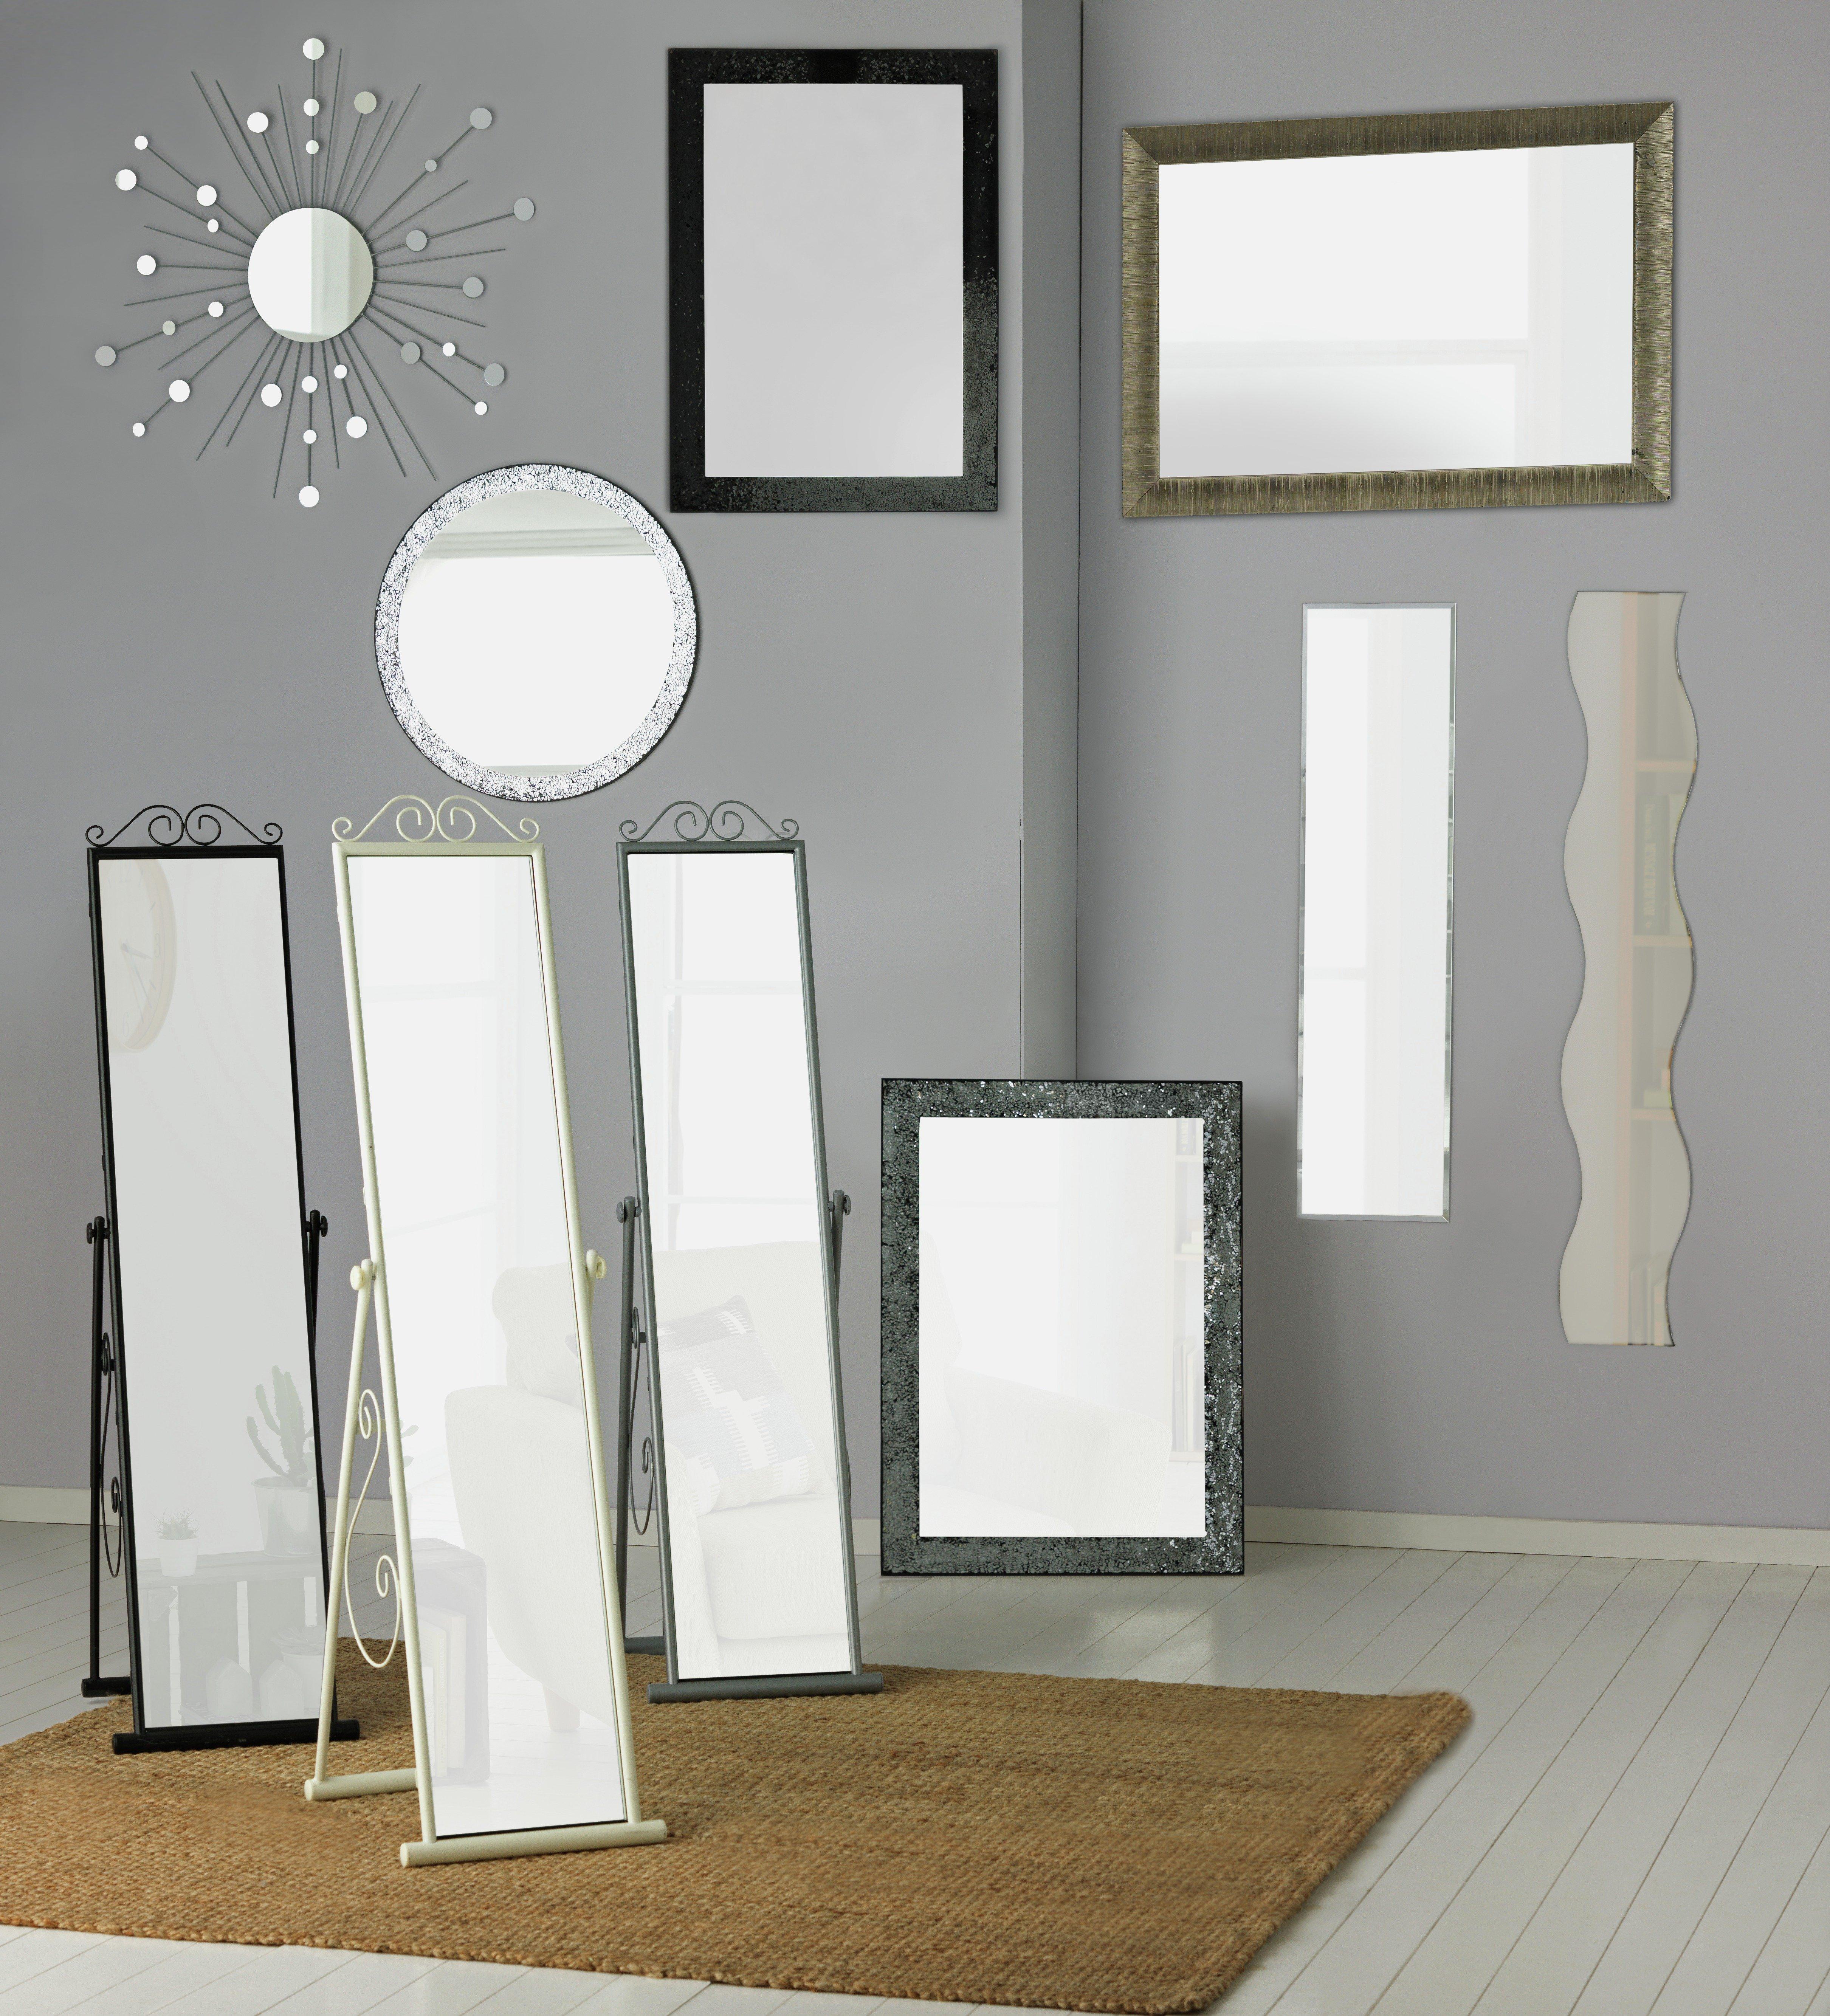 Frameless full length wall mirror